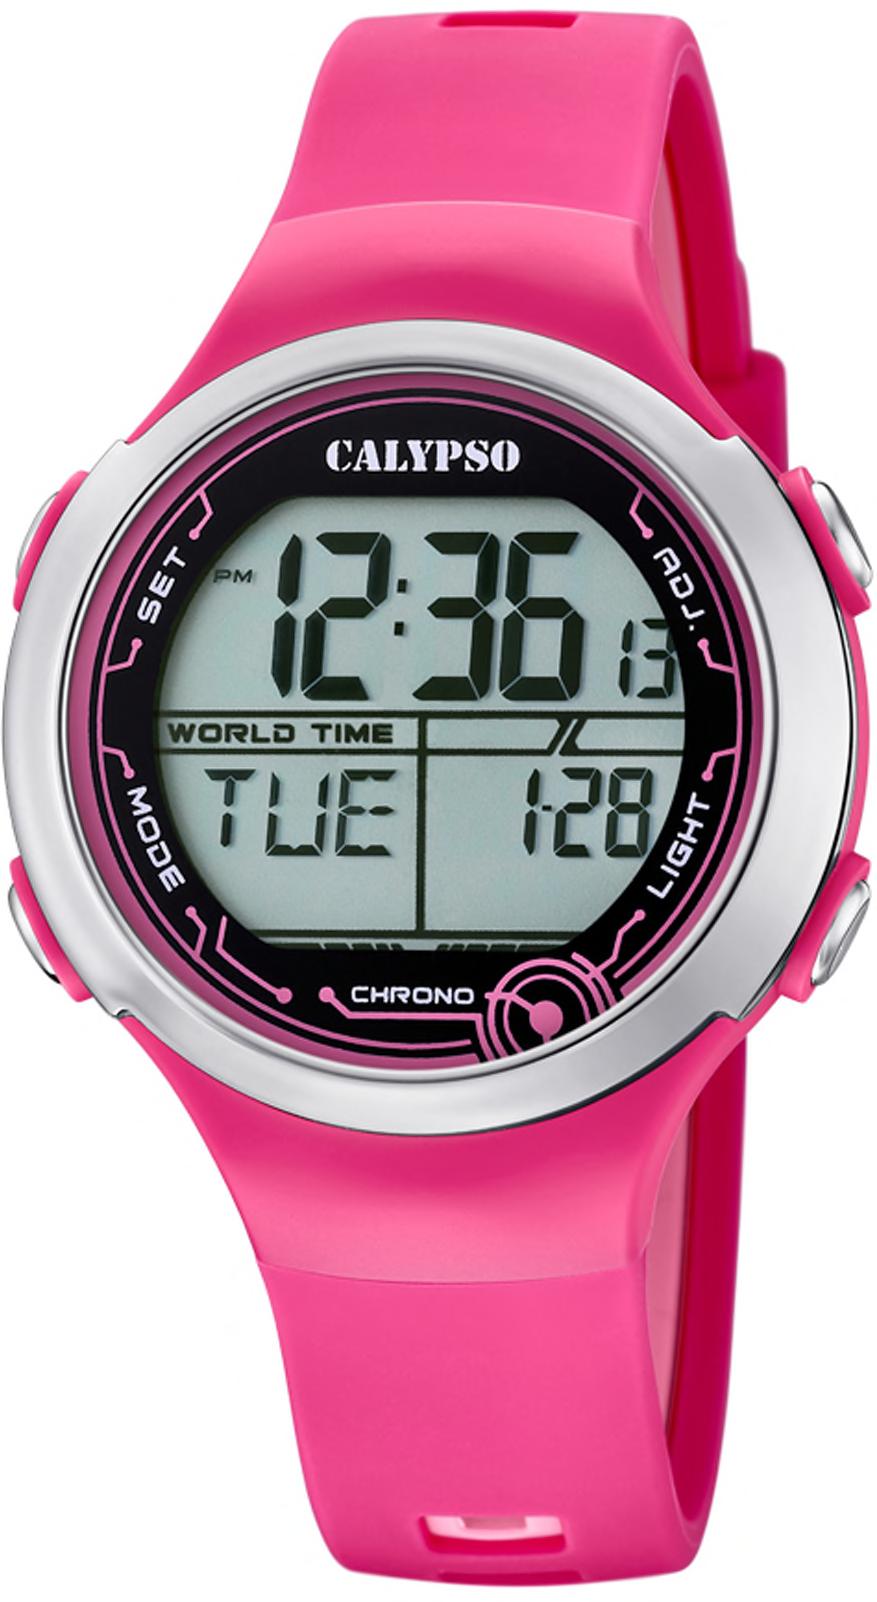 CALYPSO WATCHES Digitaluhr Digital Crush, K5799/3 günstig online kaufen